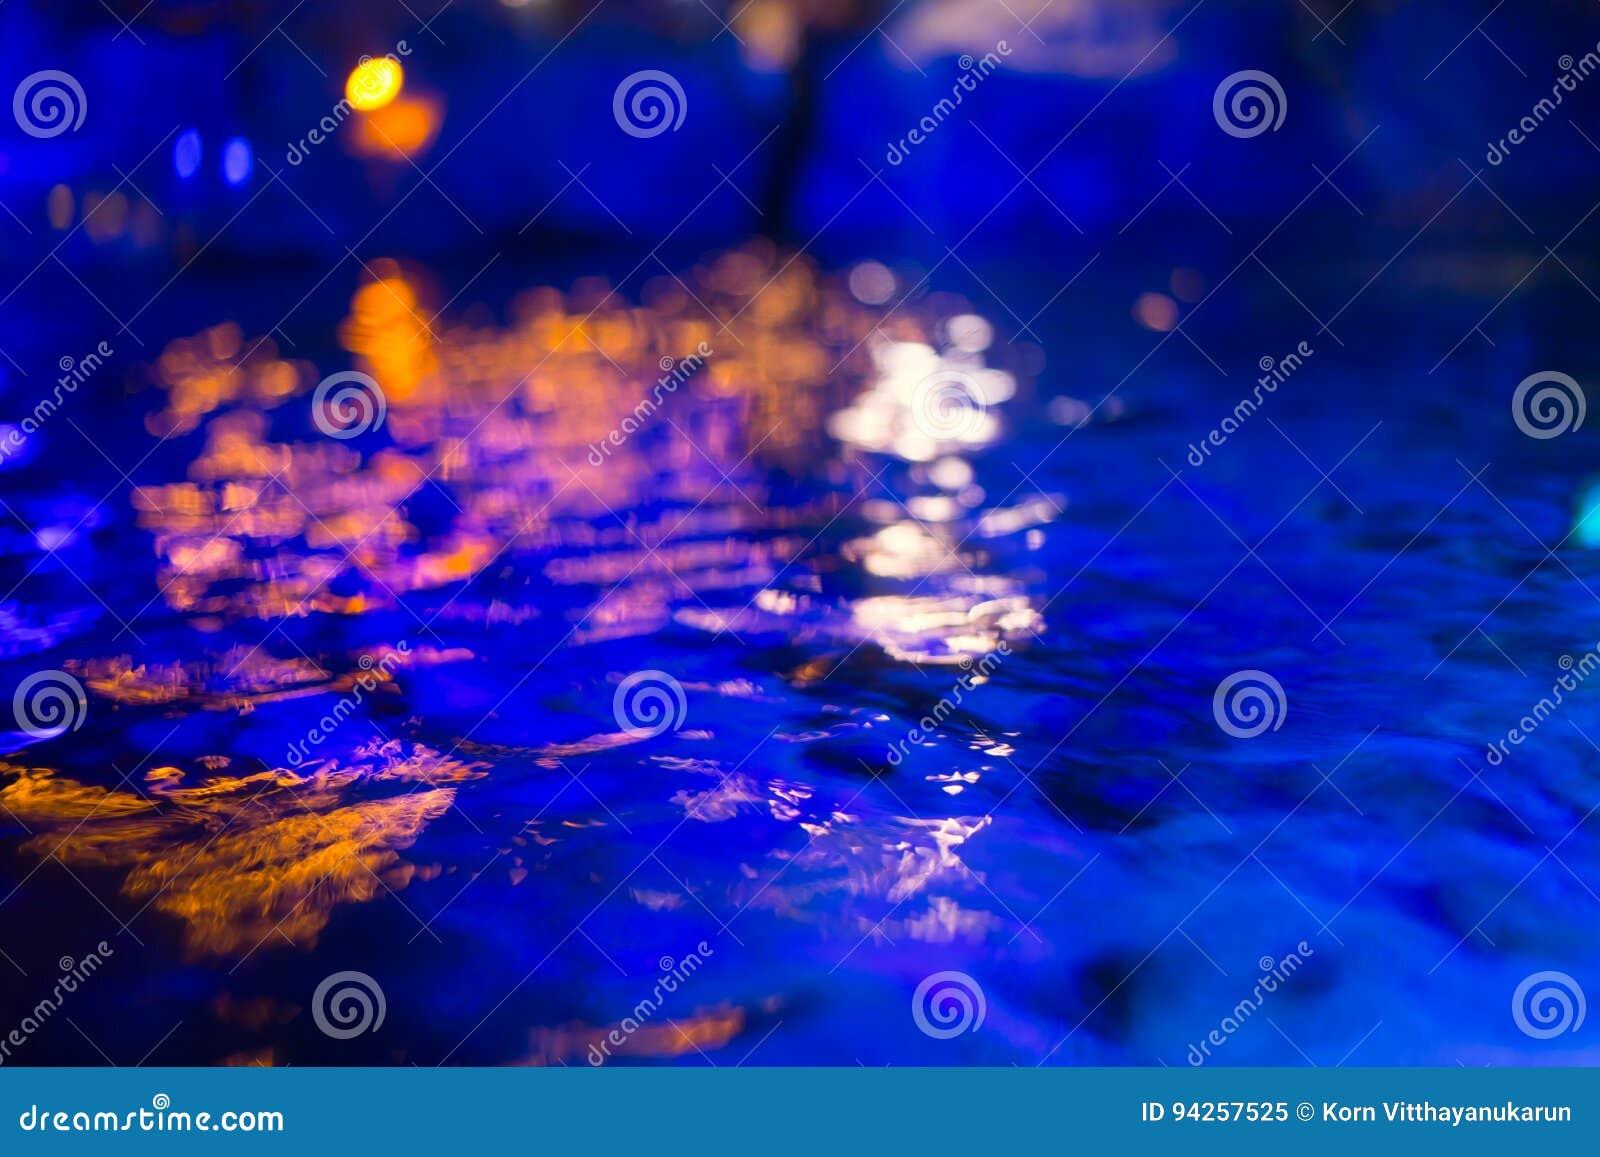 Blur Dark blue water pool moon. deep sea reflect in night time